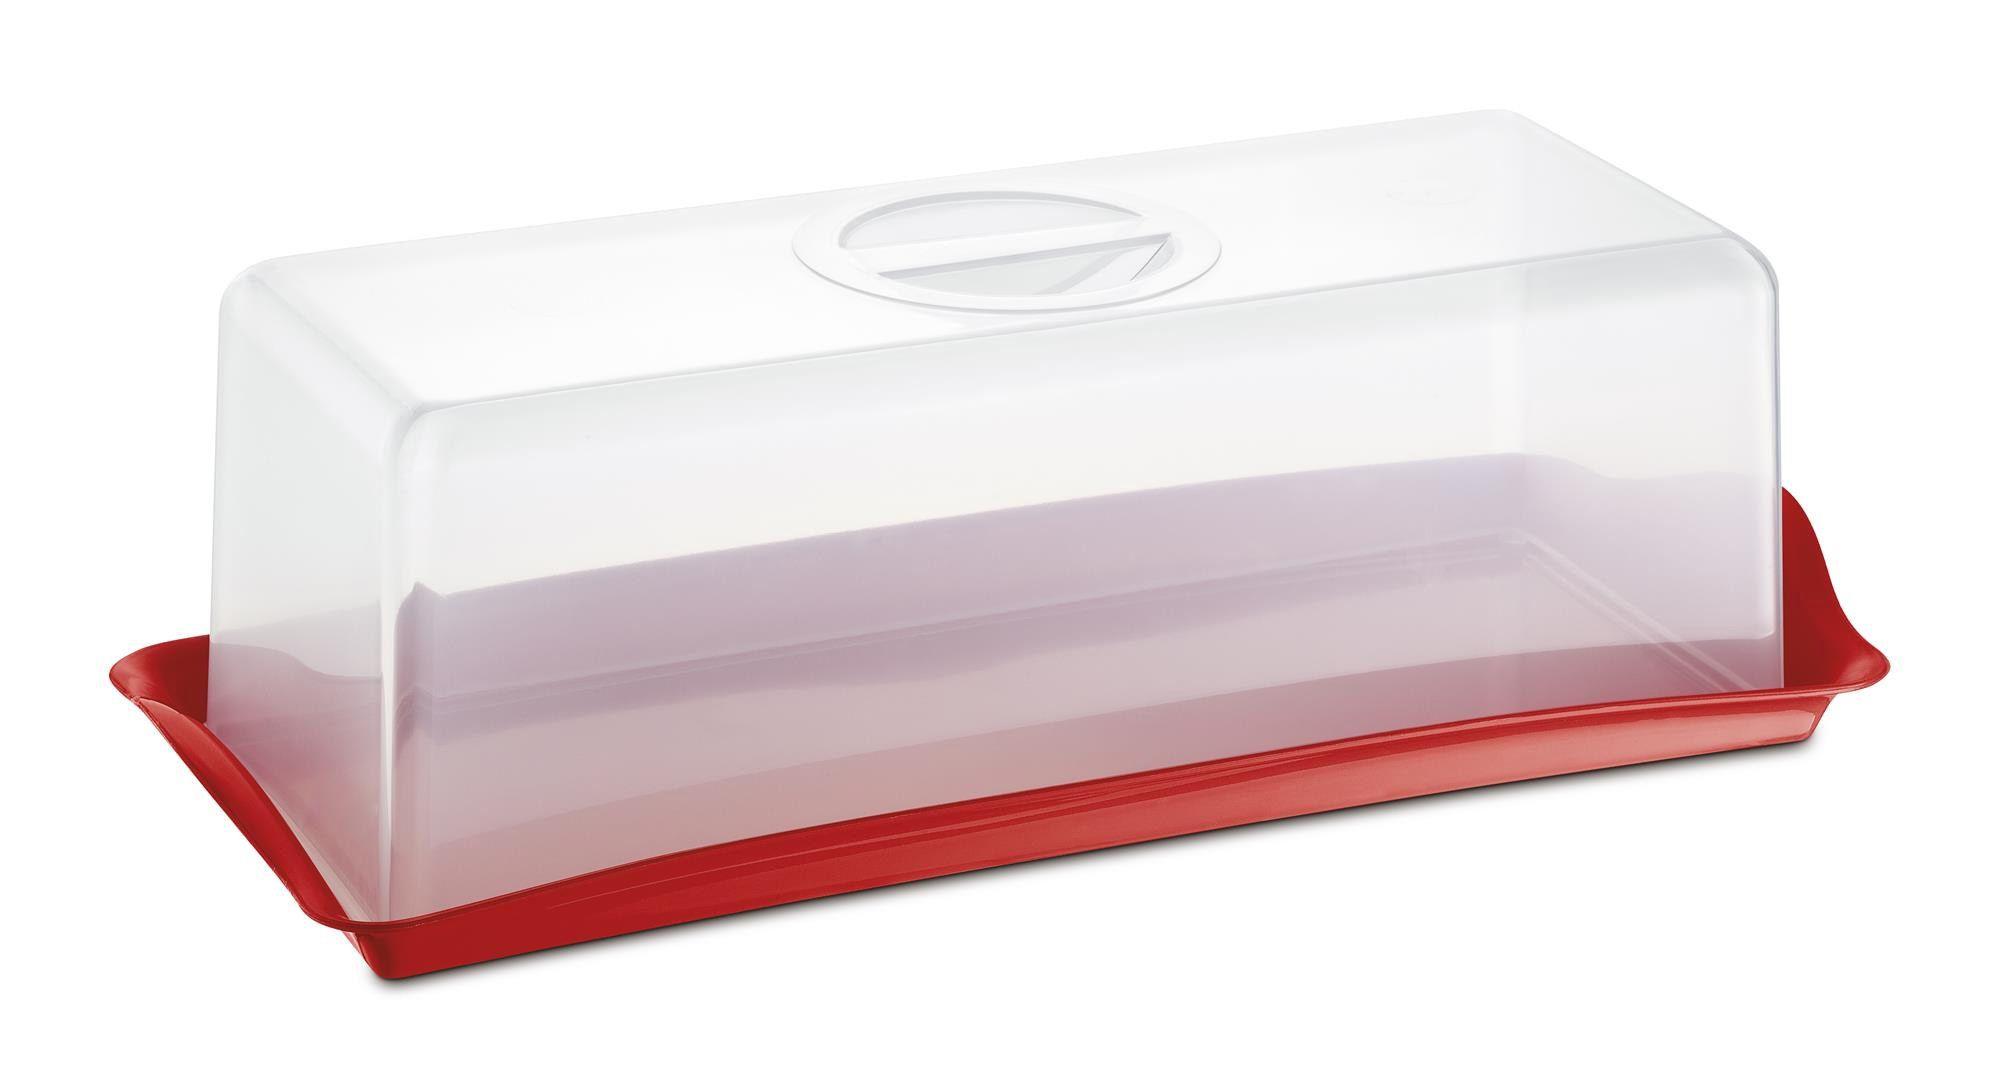 Porta Pão Premium Plástico Uz Utilidades Vermelho